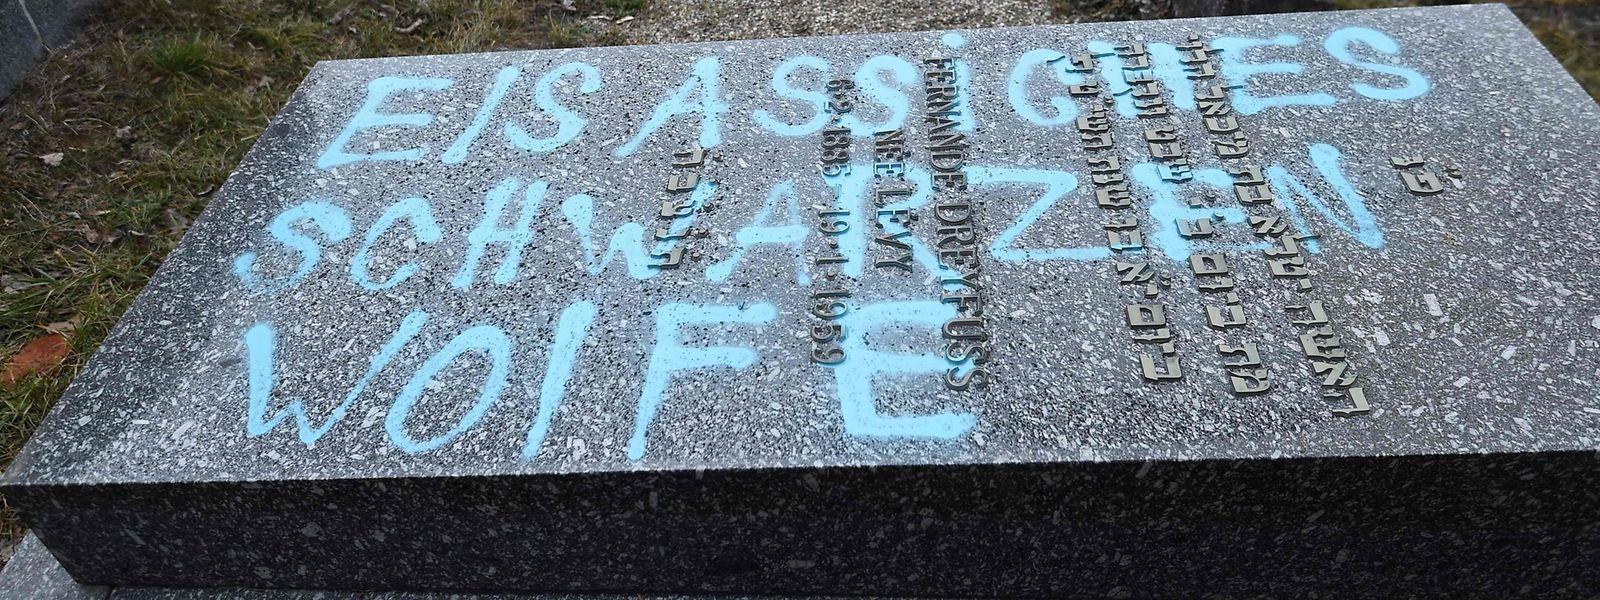 """Ein Grabstein in Quatzenheim wurde mit dem Schriftzug """"Elsassiches Schwarzen Wolfe"""" (sic!) verunstaltet. Der Tag ist offenbar ein Hinweis auf eine Separatistengruppe, die in den den 1970er Jahren im Elsass aktiv war."""